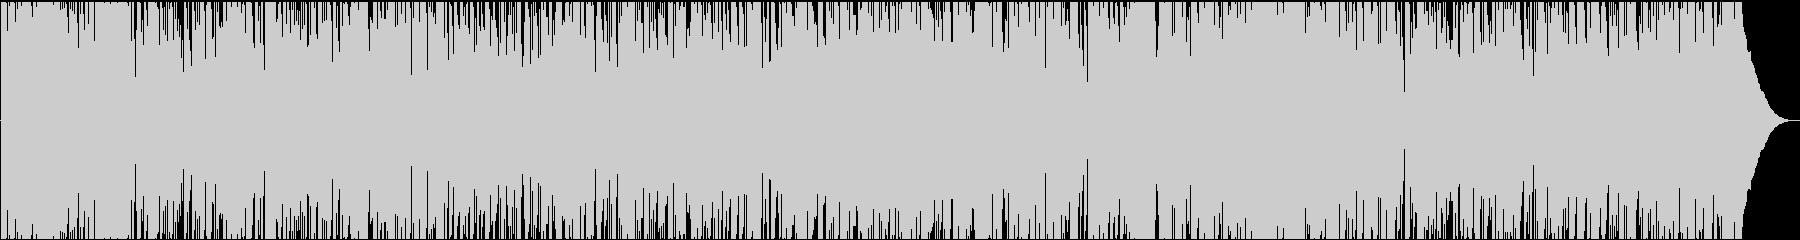 夏にピッタリすずやかな速めのボサノバの未再生の波形